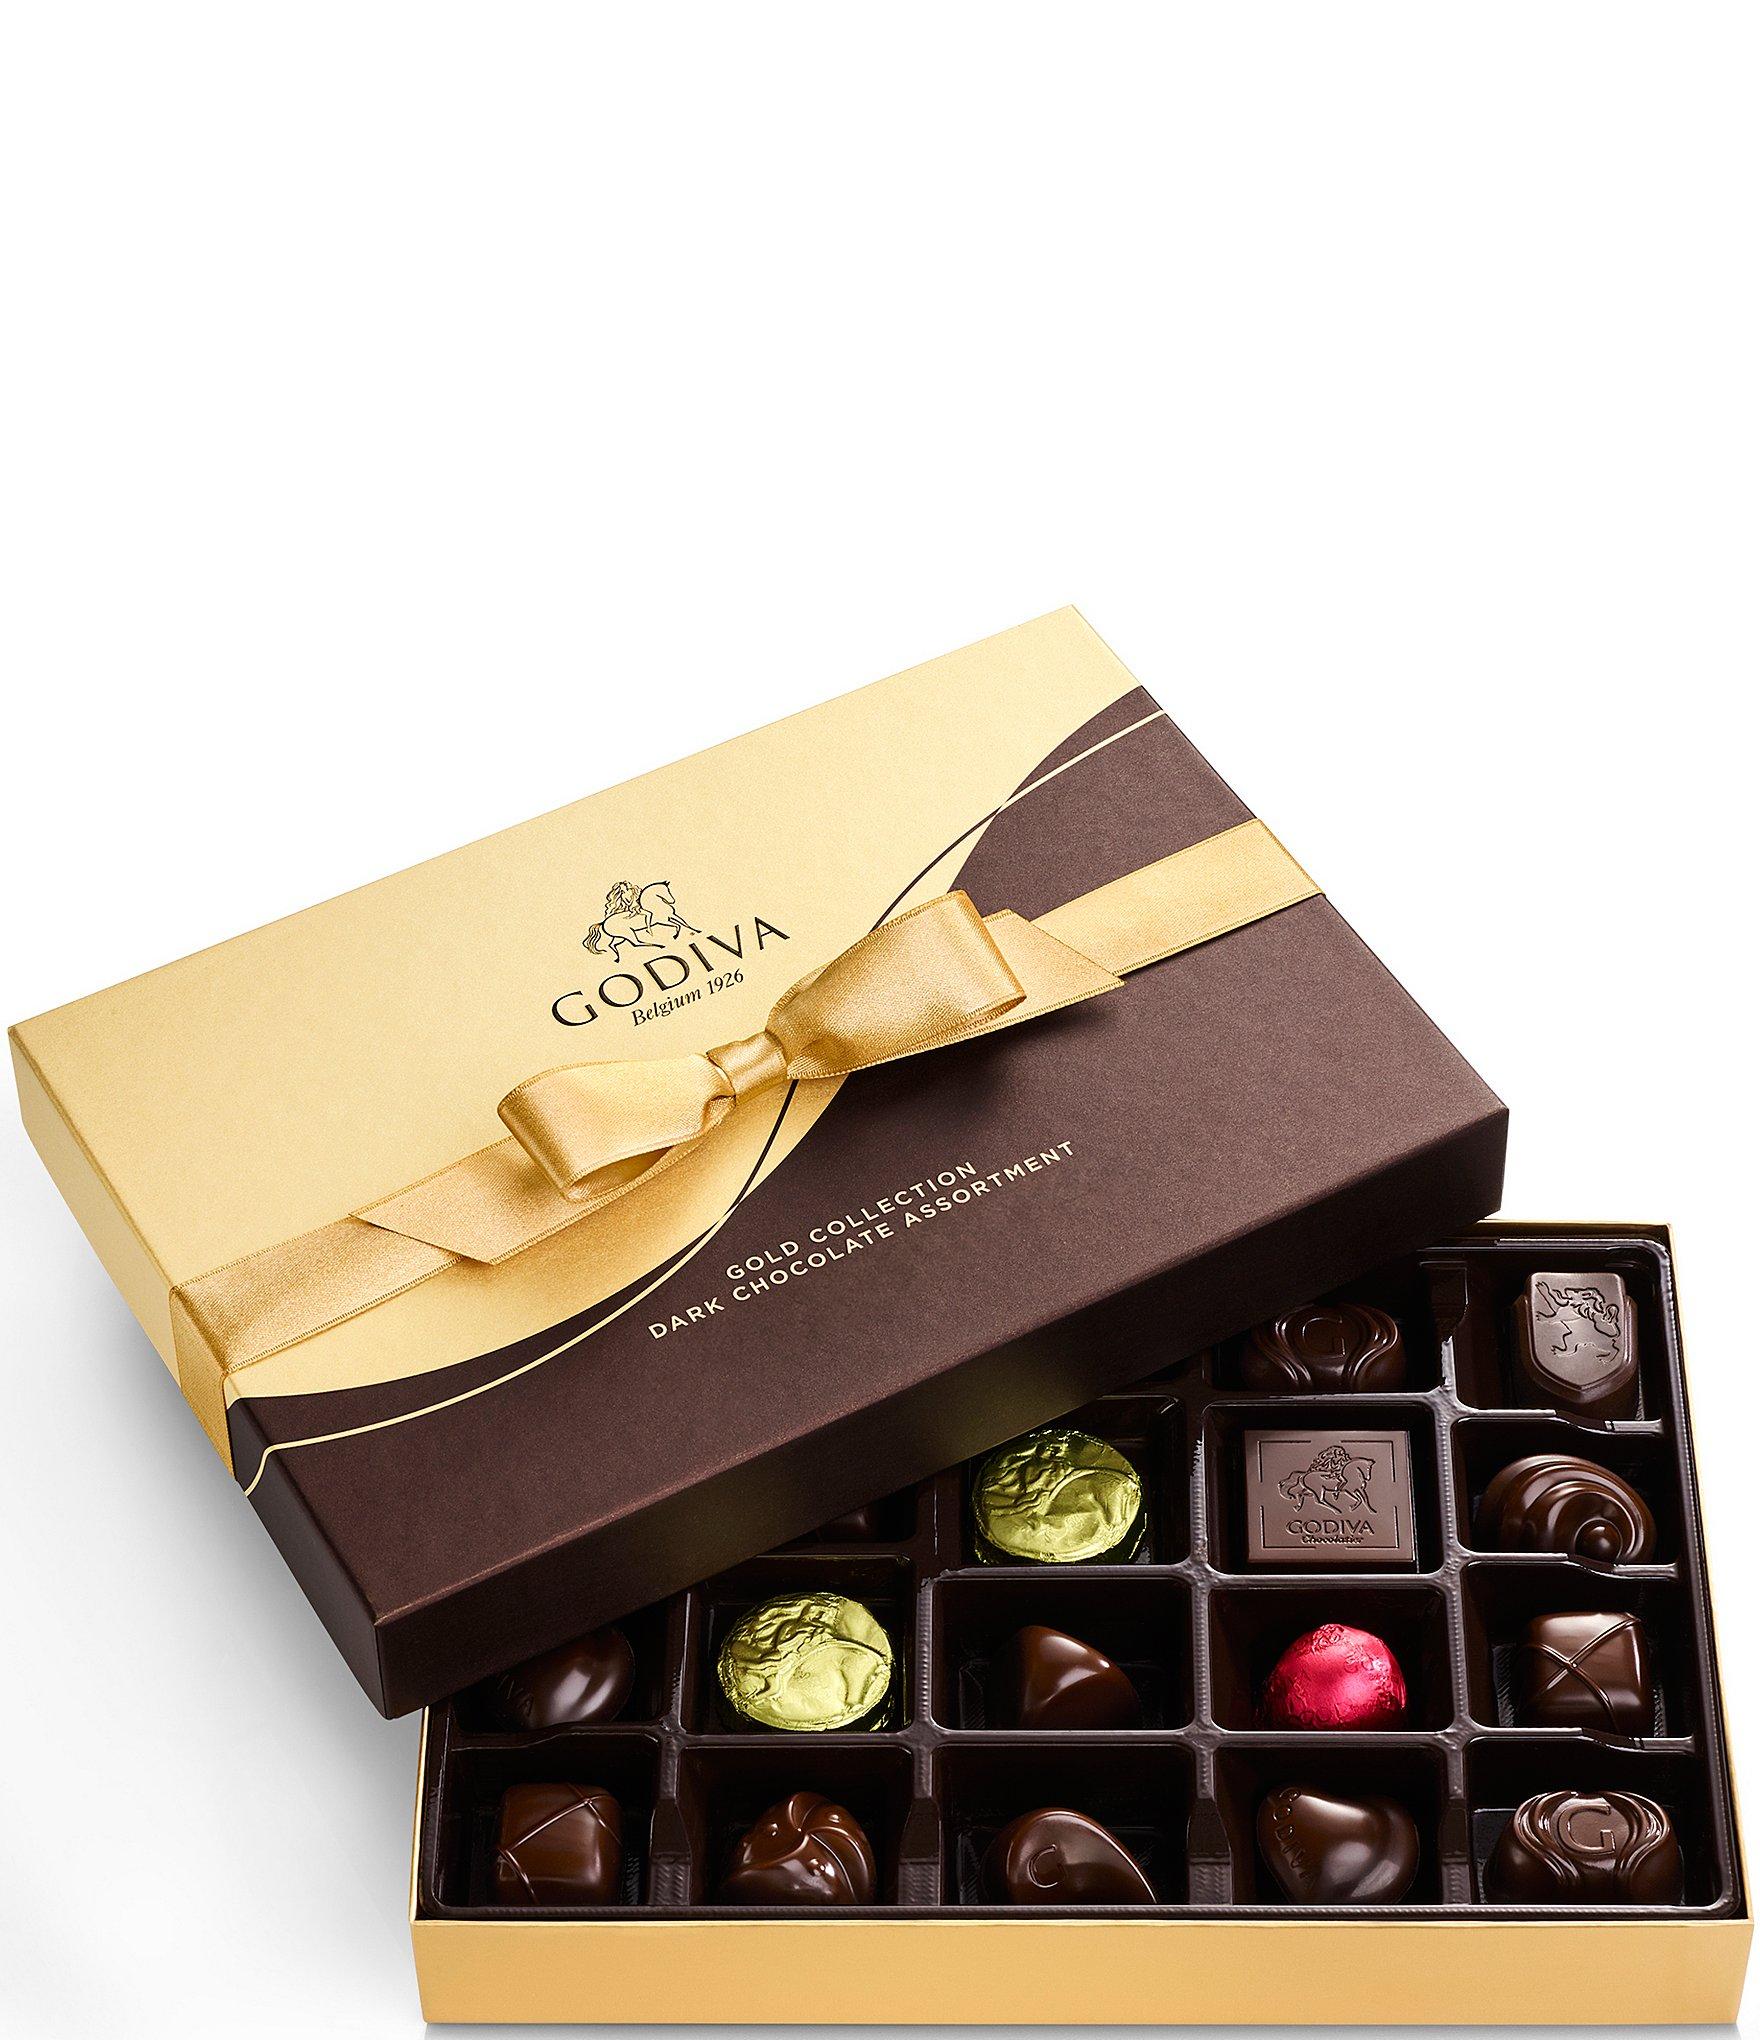 Godiva Chocolatier Dark Chocolate Gift Box Fall Ribbon 27